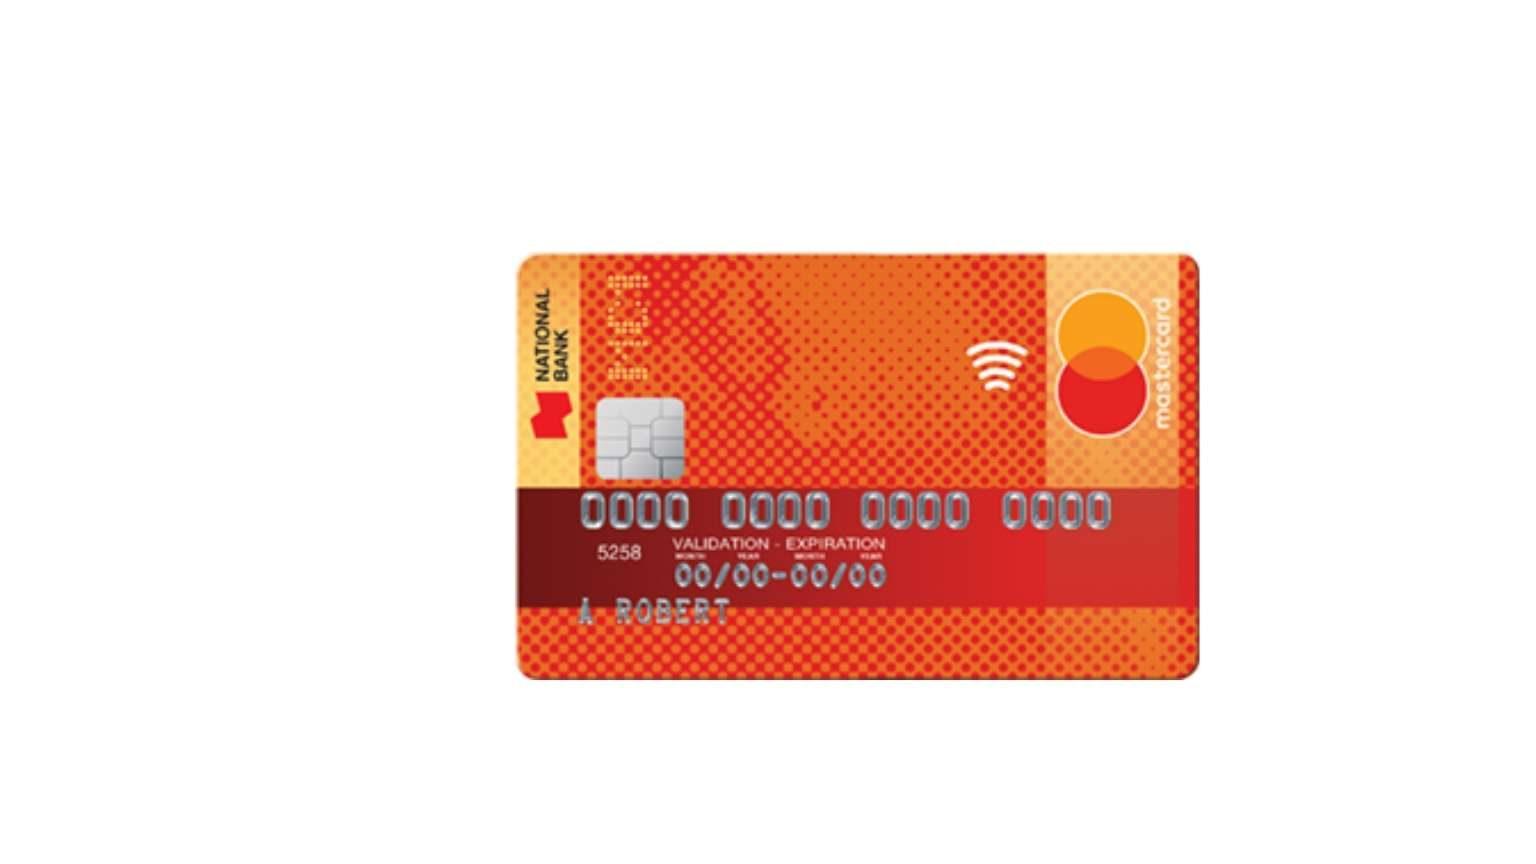 NationalBankMC1Mastercard